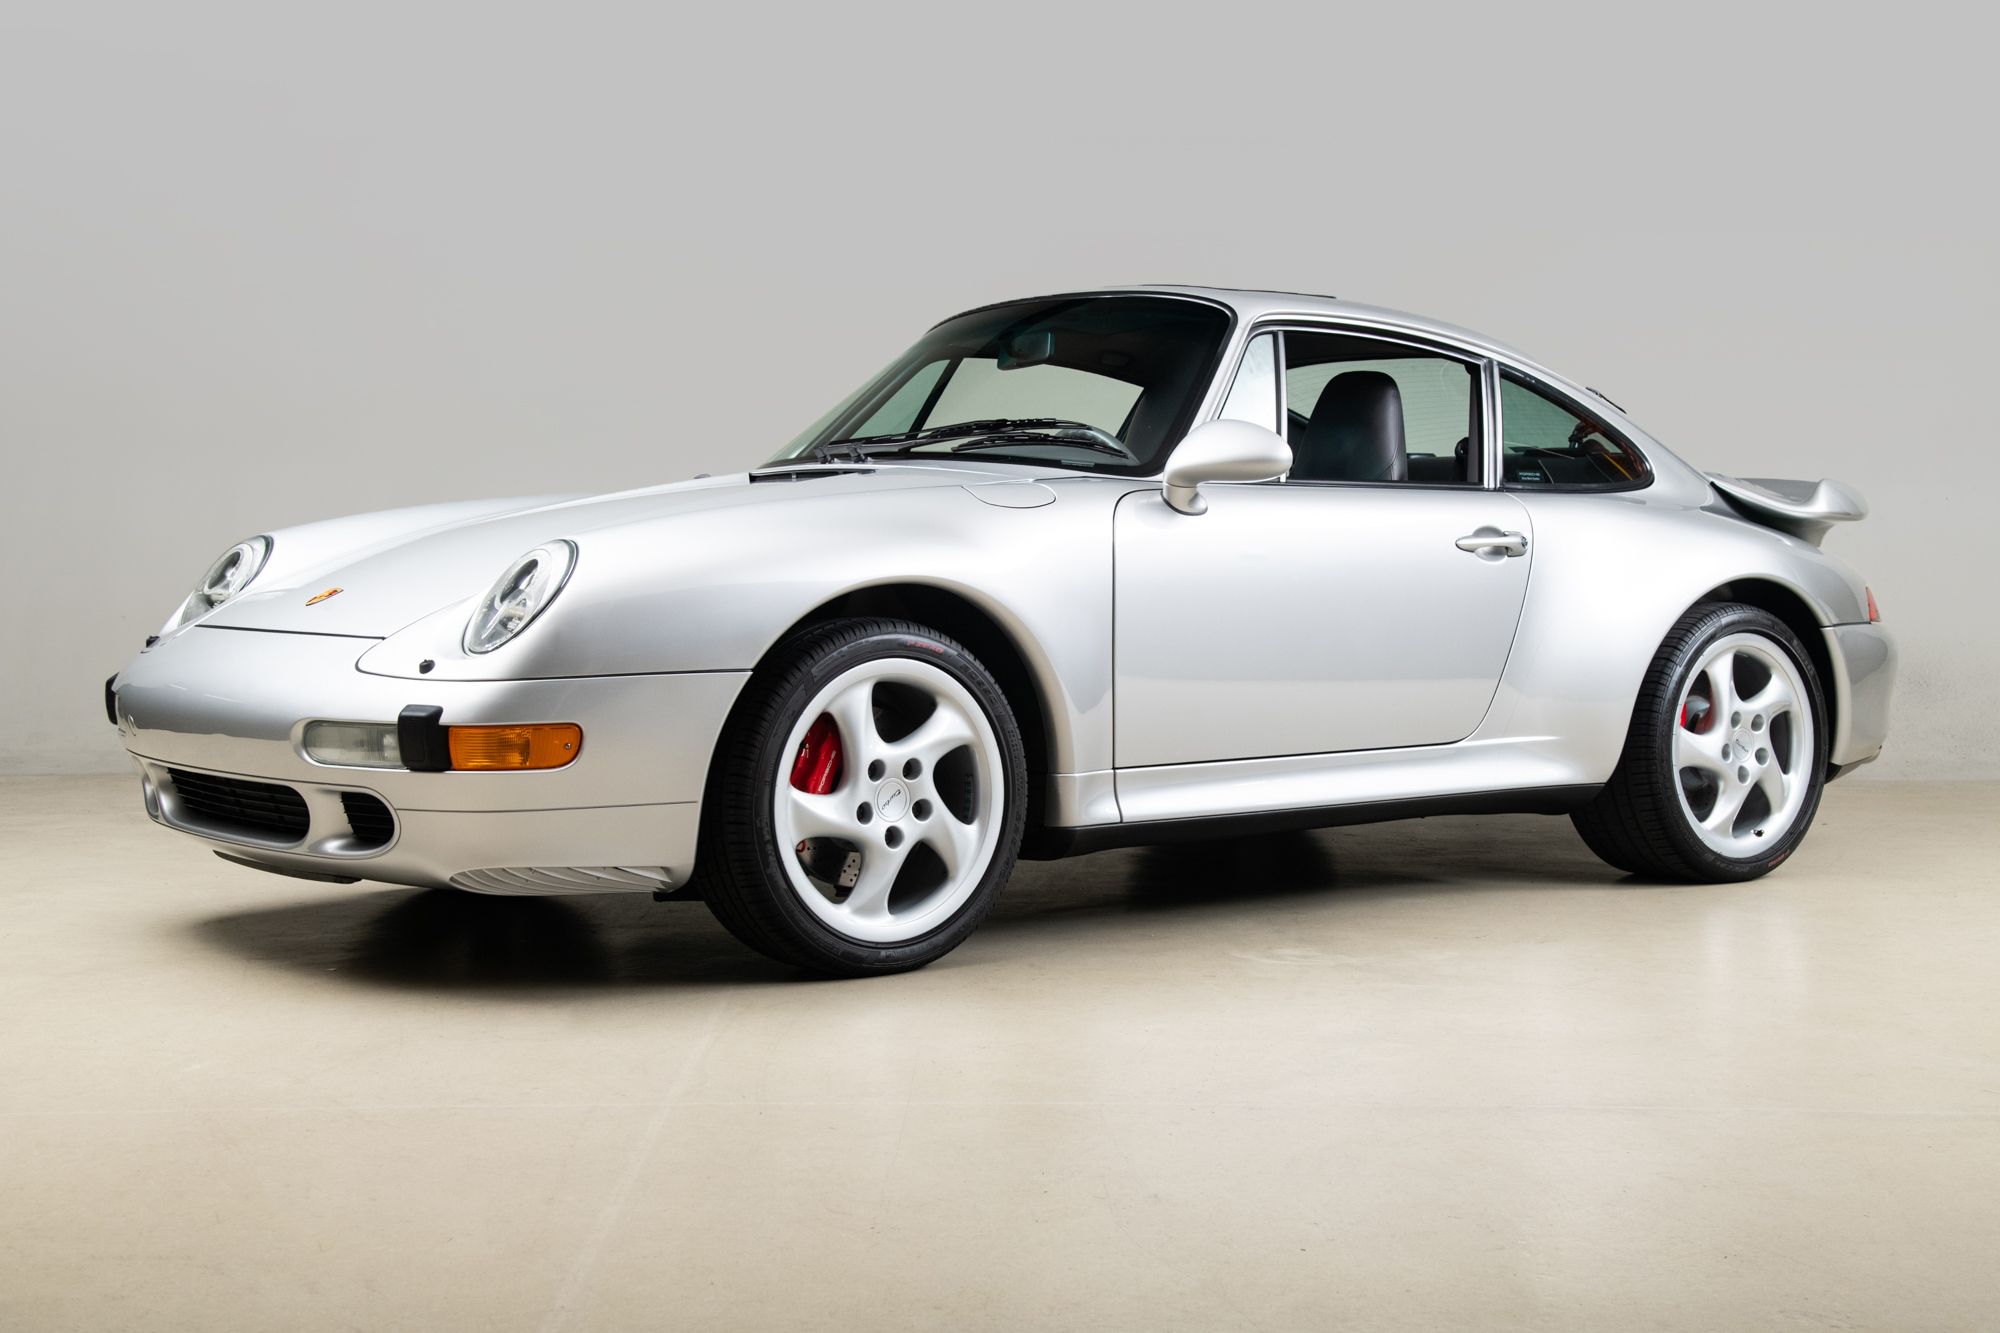 1997 Porsche 993 Turbo , ARCTIC SILVER METALLIC, VIN WP0AC2992VS375375, MILEAGE 16559